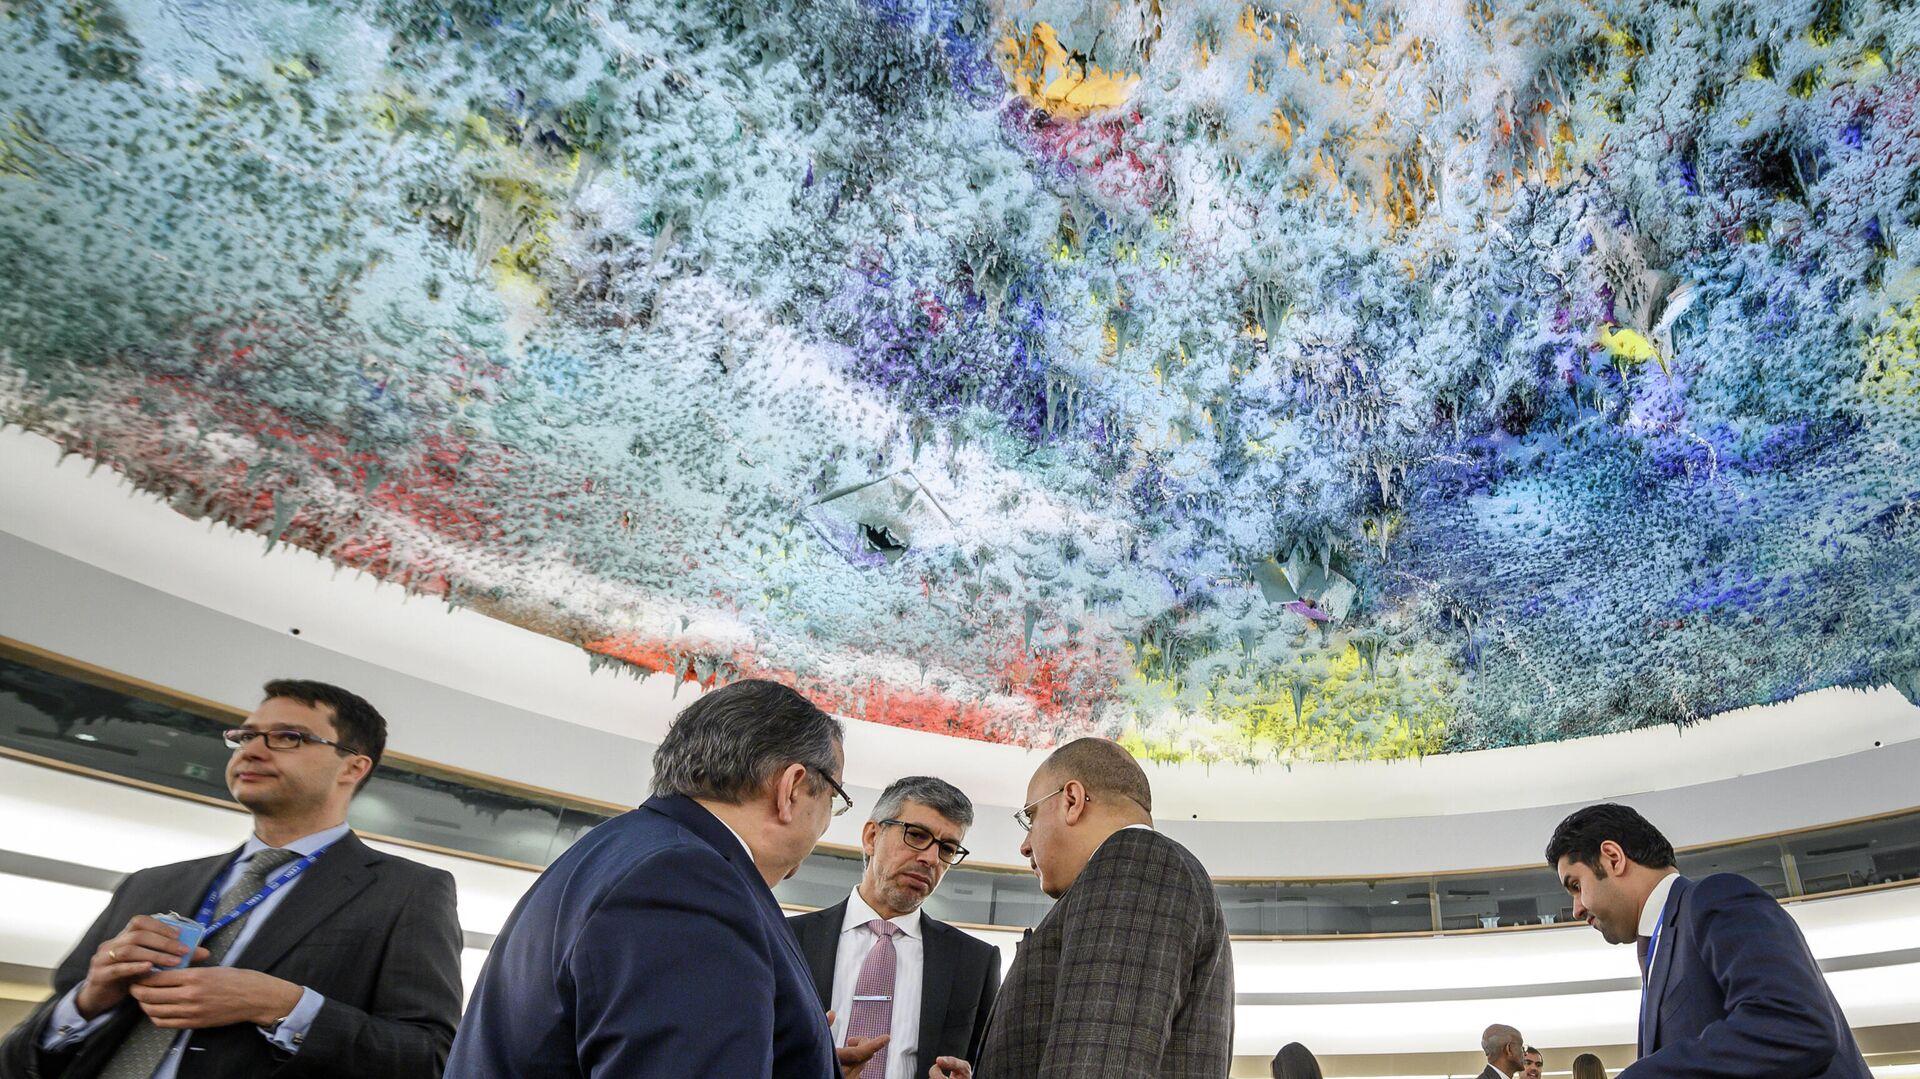 Заседание Совета по правам человека ООН в Женеве - Sputnik Таджикистан, 1920, 13.10.2021